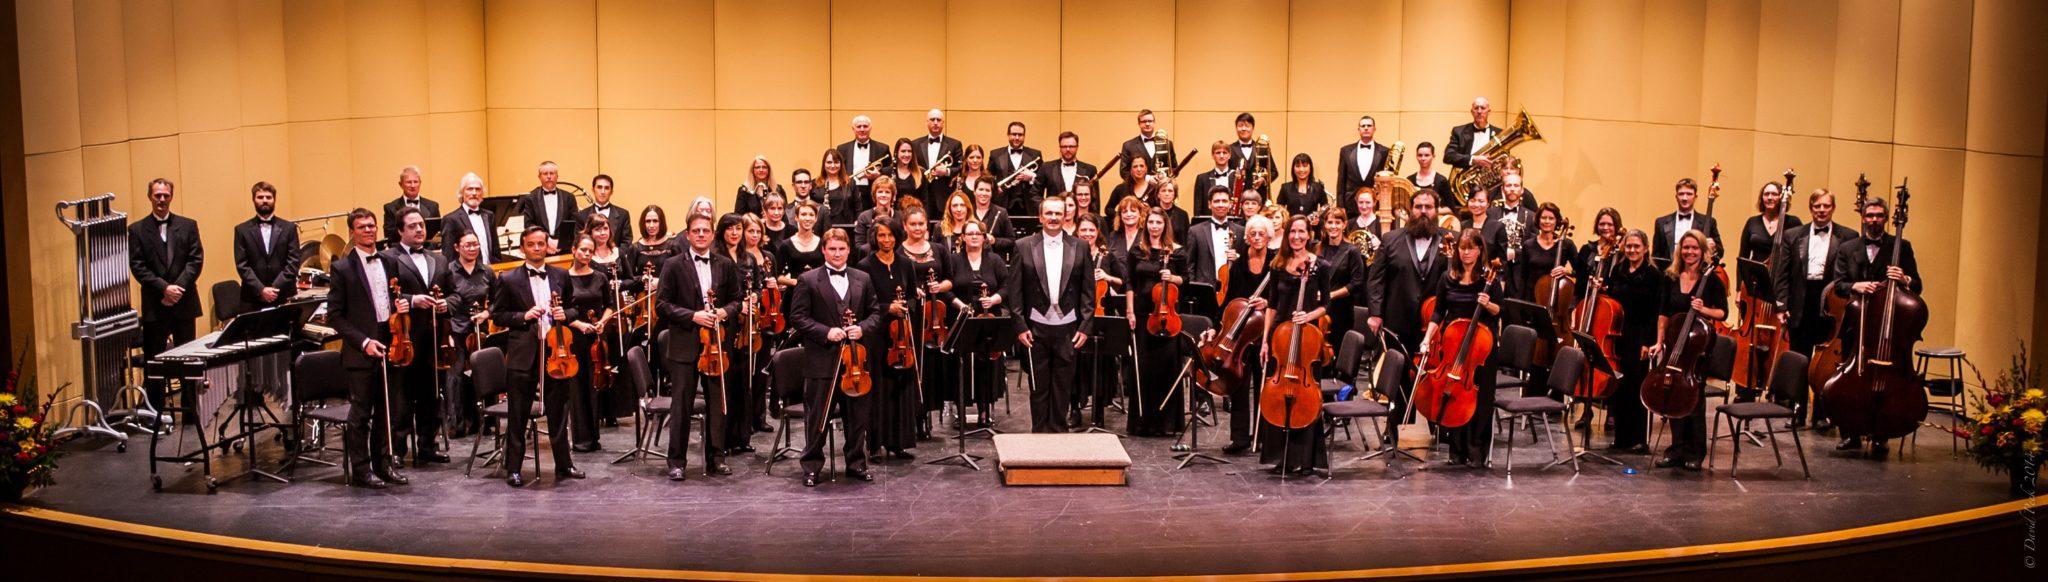 Olympia symphony